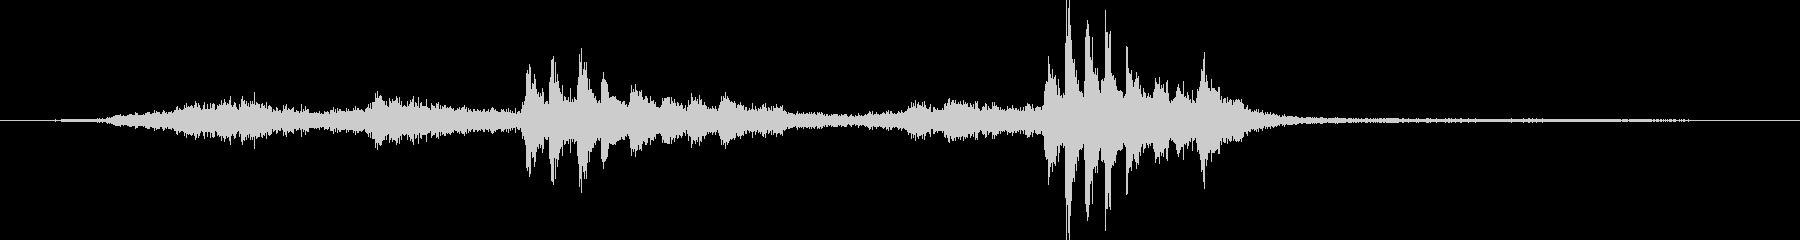 オーバーヘッドメタルブリッジ:単一...の未再生の波形